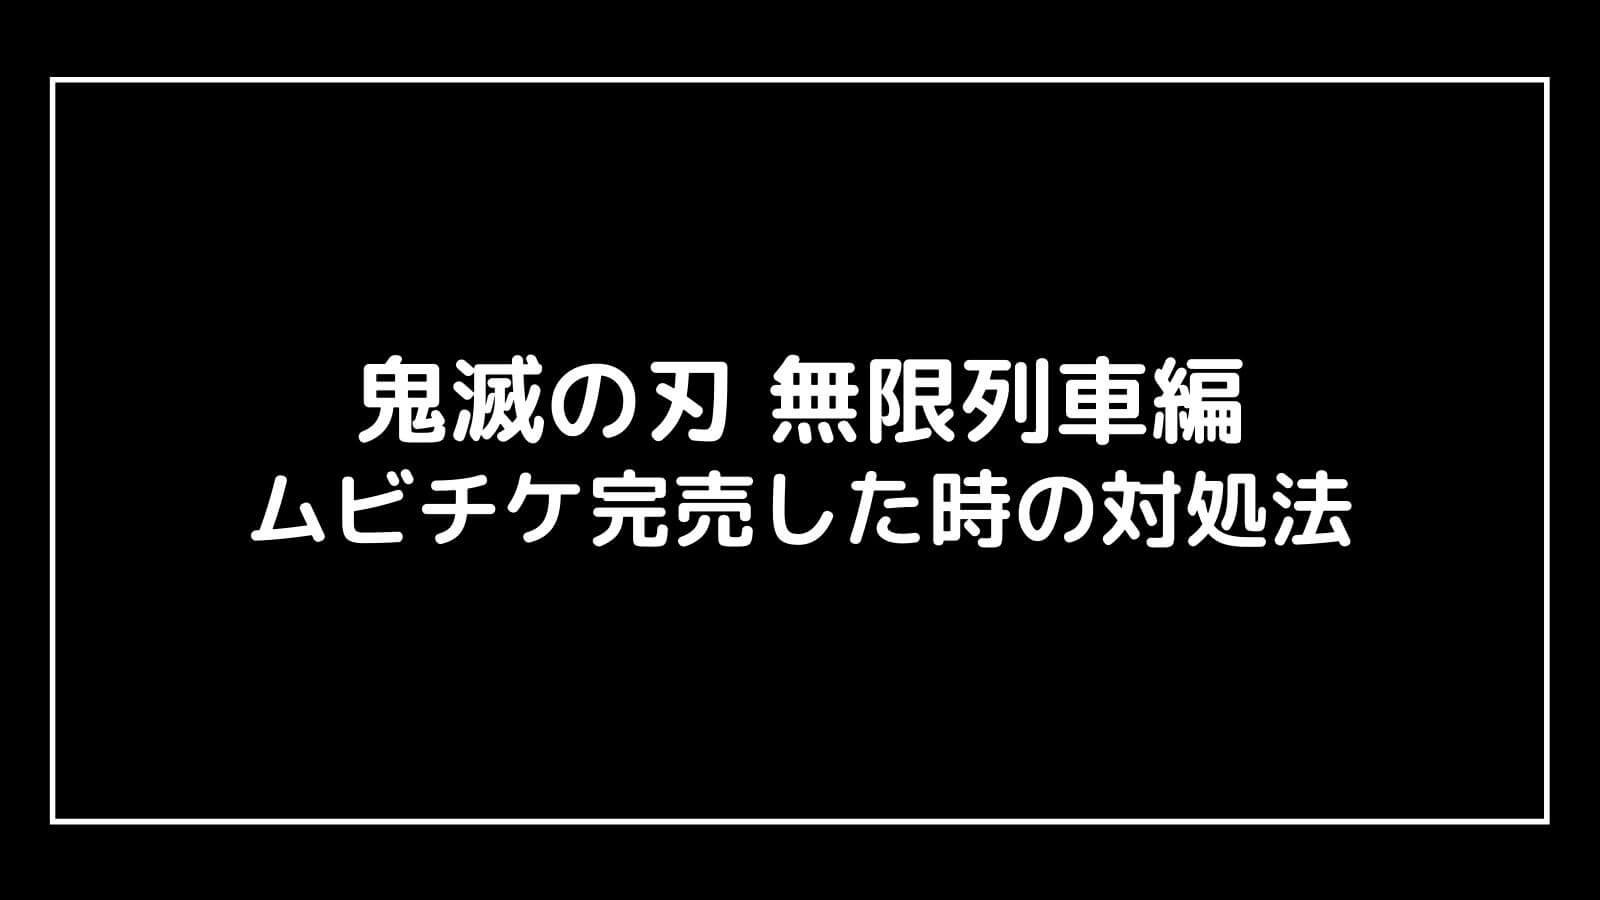 映画『鬼滅の刃 無限列車編』ムビチケ前売り券が売り切れた!再販売の可能性や対処法を解説